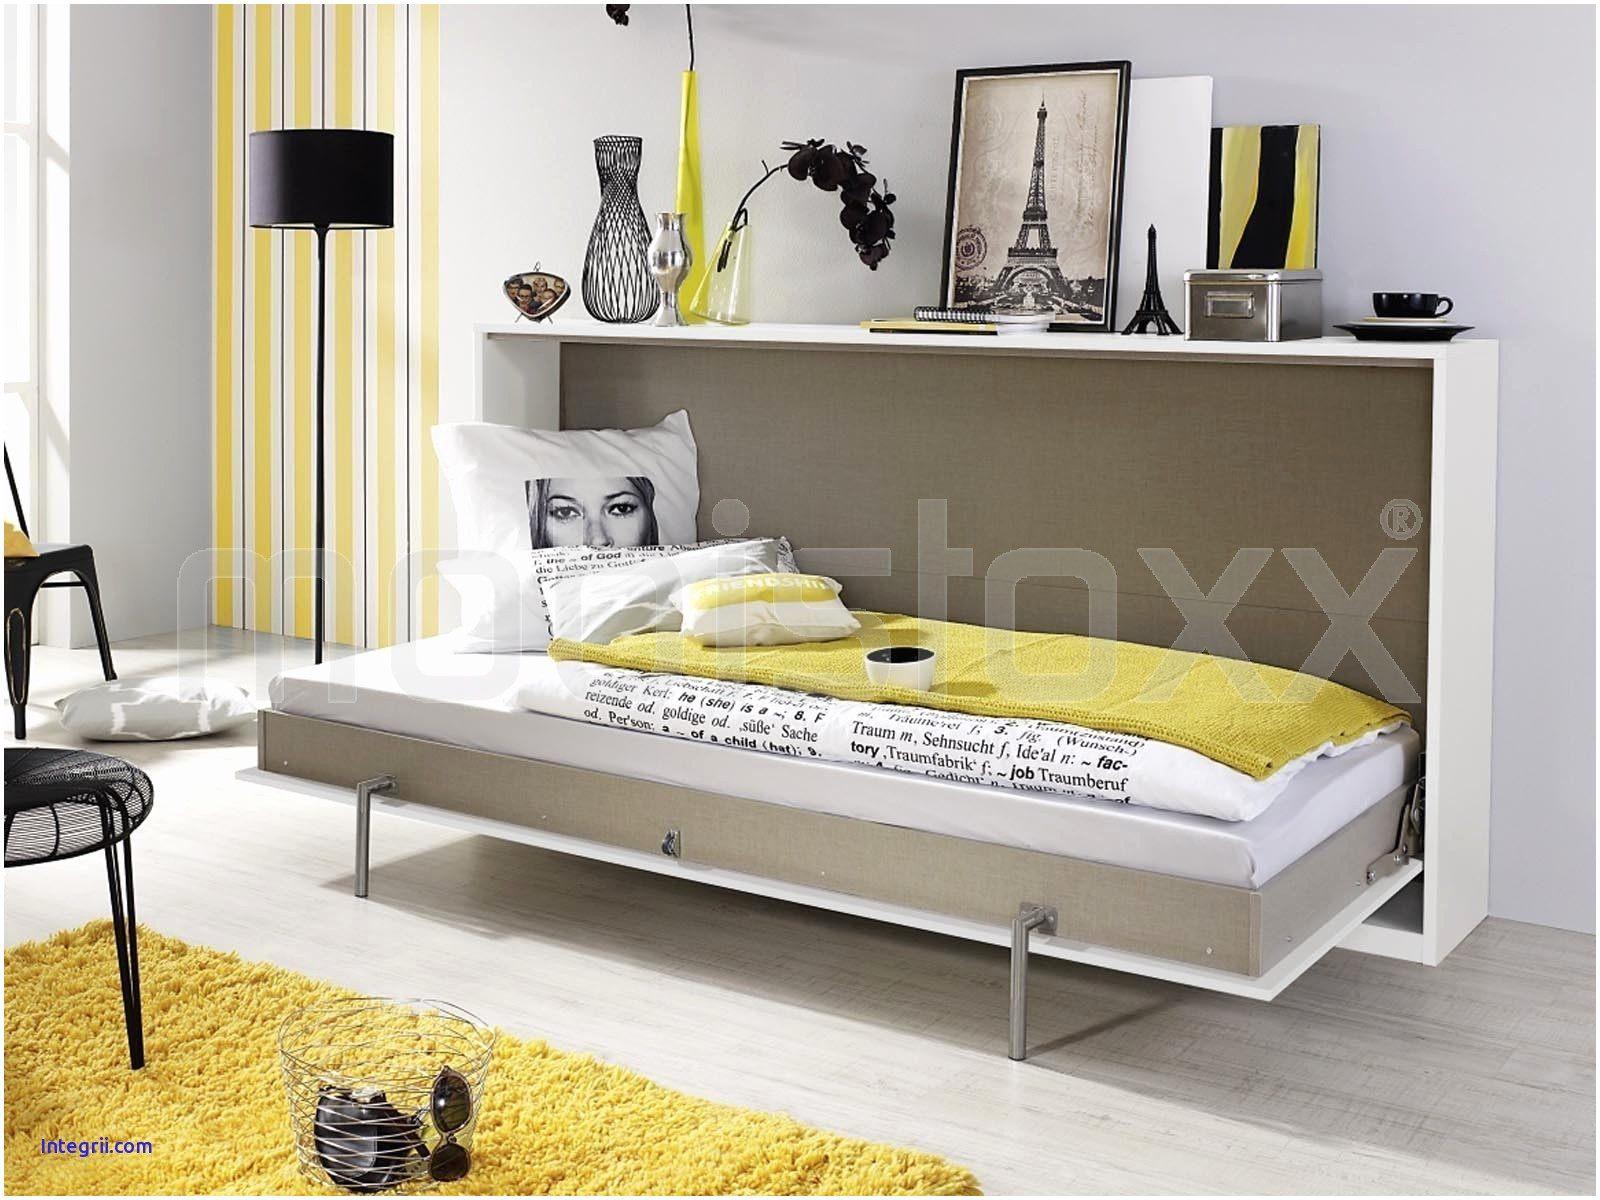 Lit Pliant 2 Places Ikea Inspirant Belle Lit Armoire Escamotable Ikea Ou Lit Escamotable Diy Luxe S Lit